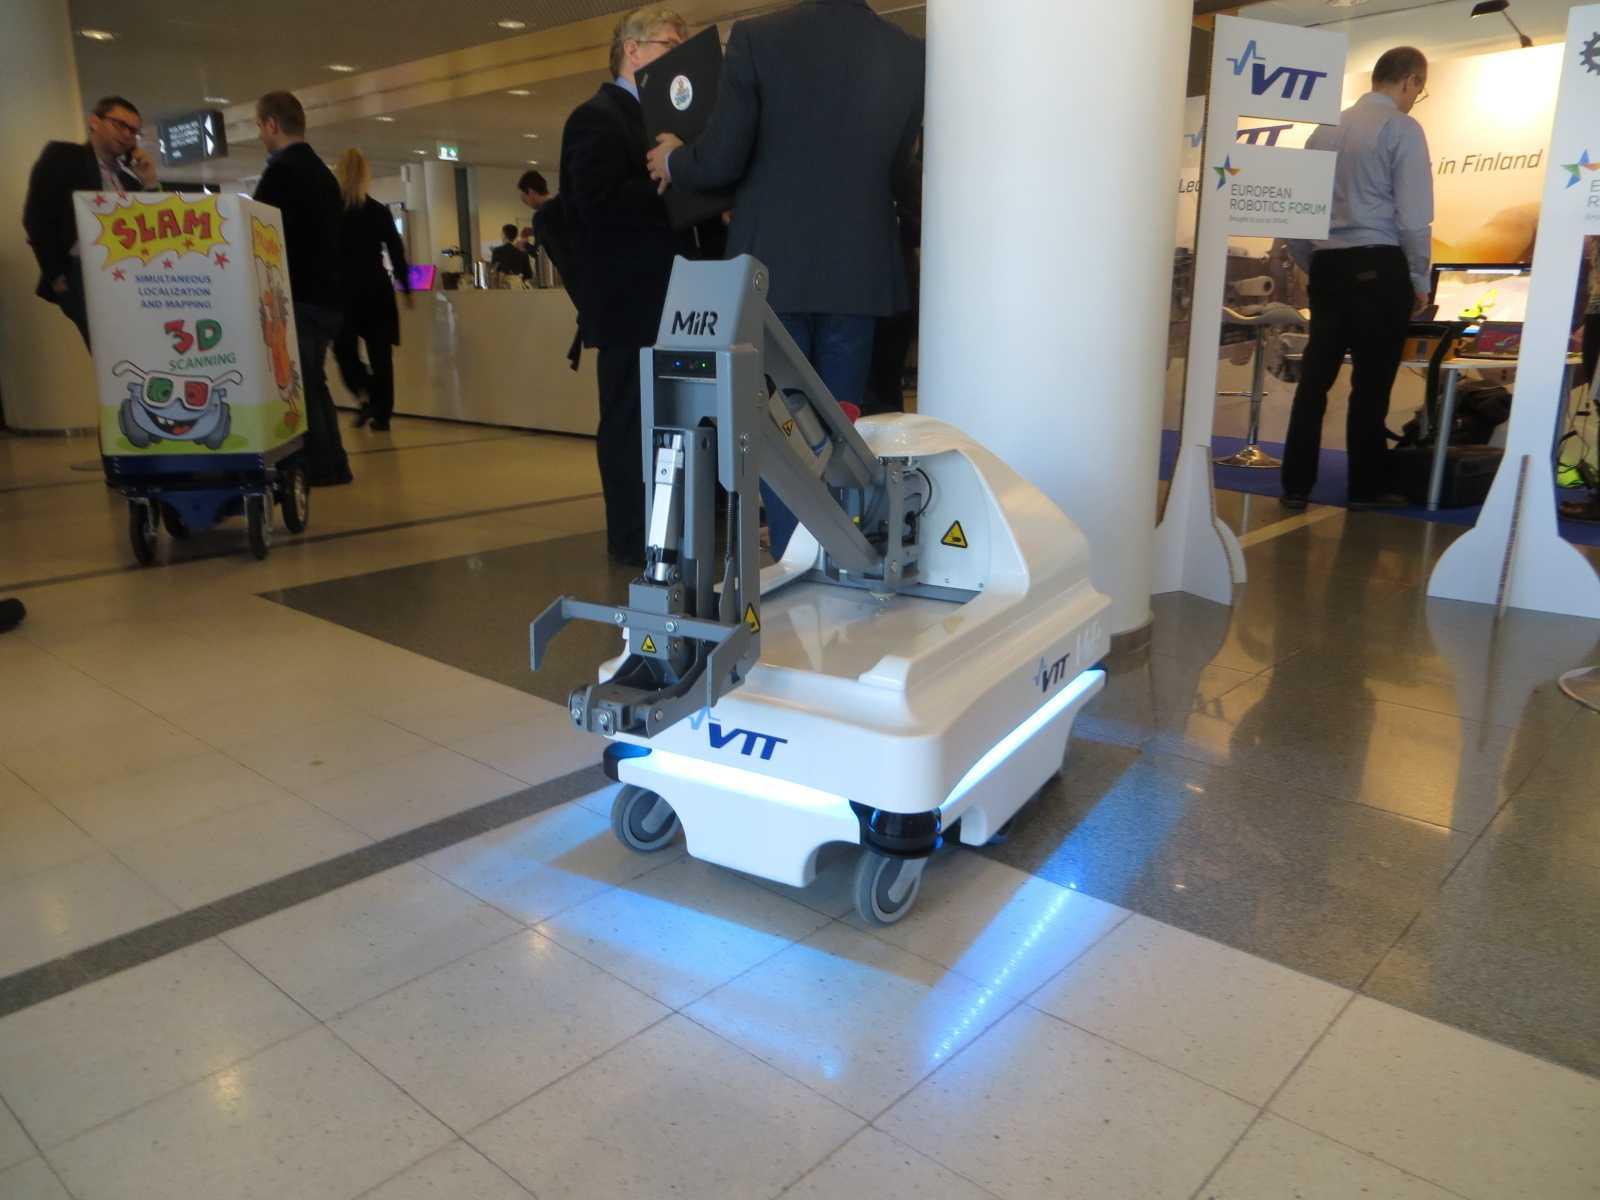 Roboter dieser Art sind deutlich robuster und konnten beim European Robotics Forum zeigen, dass sie sich sicher durch Menschenmengen bewegen können. Für den Einsatz in der Pflanzenpflege müssen sie aber noch deutlich intelligenter werden.